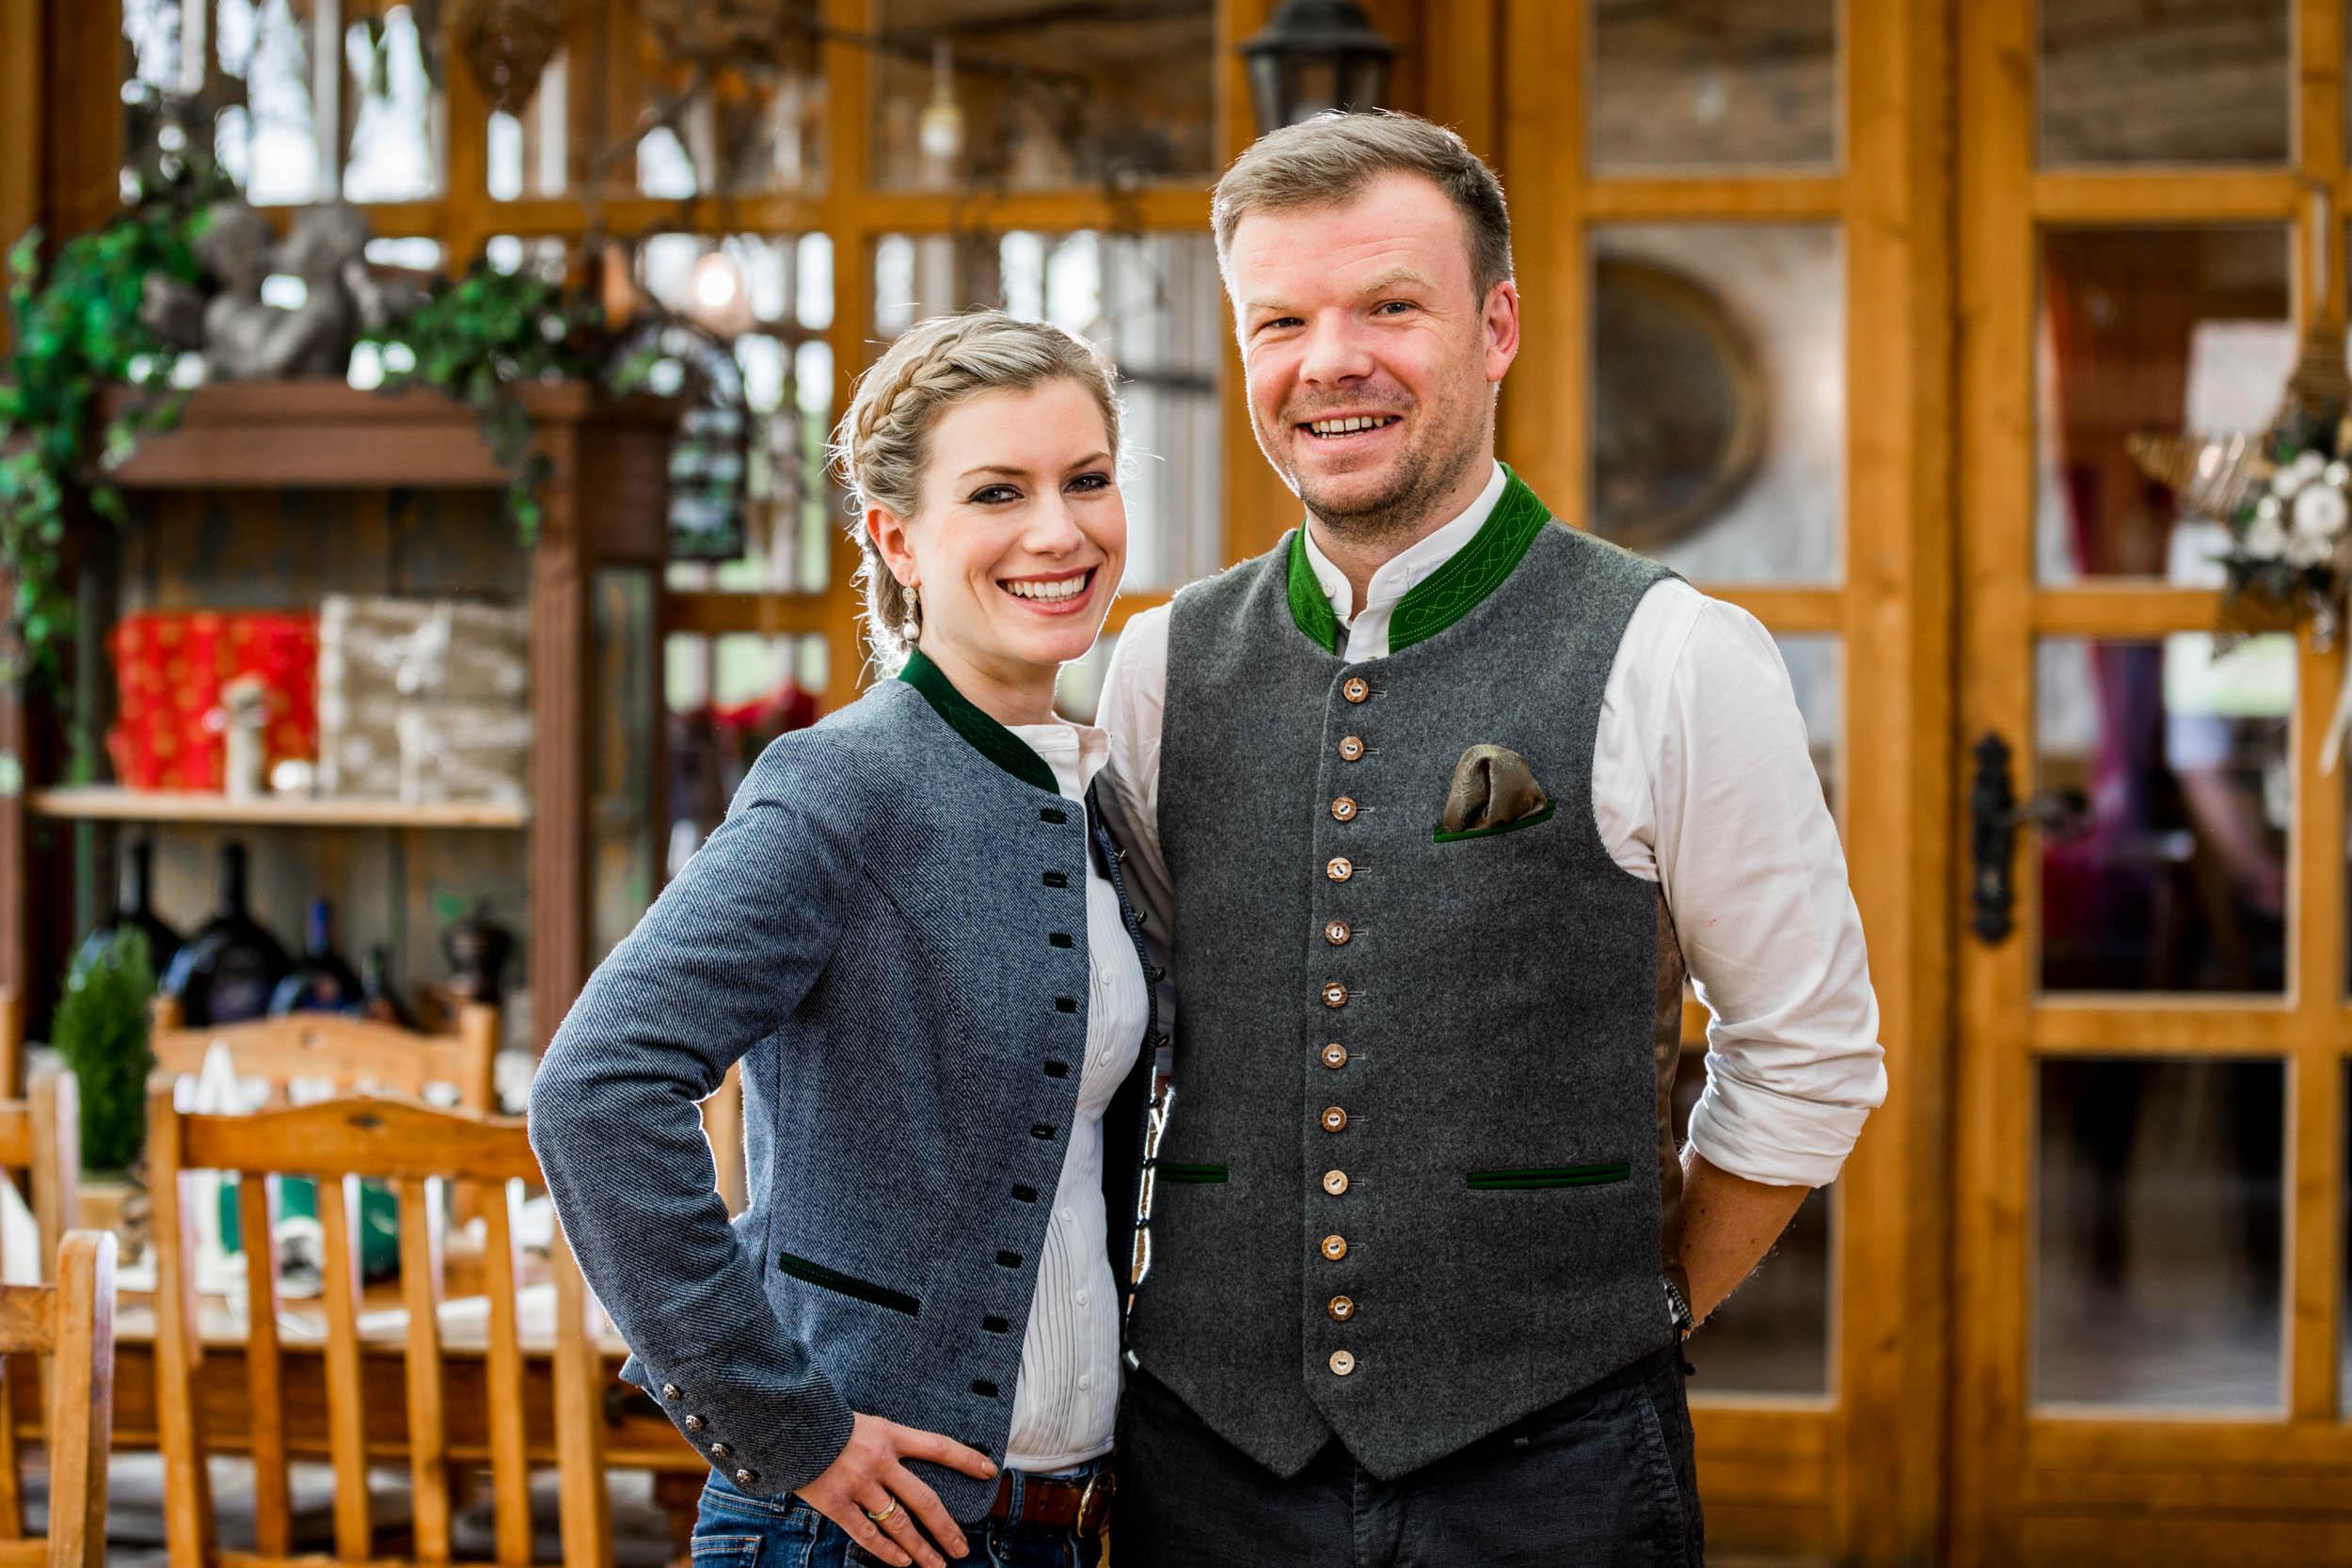 Inhaber und Geschäftsführer vom Landgut Kugler Alm Ebersberg sind Barbara und Korbinian Kugler